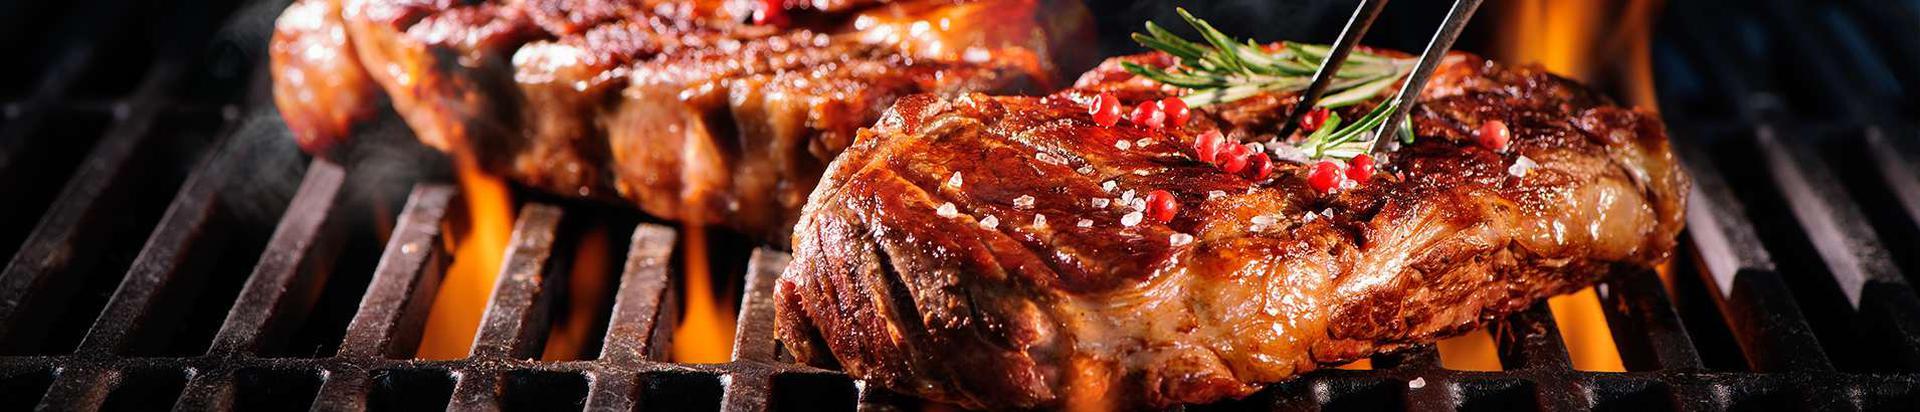 lihatooted, Lihatööstus, lihatööstused, Loomakasvatus, Suitsuvorstid, toiduainetetööstus, kodulinnud (v.a elusad), liha, lihakonservid, lihamahlad